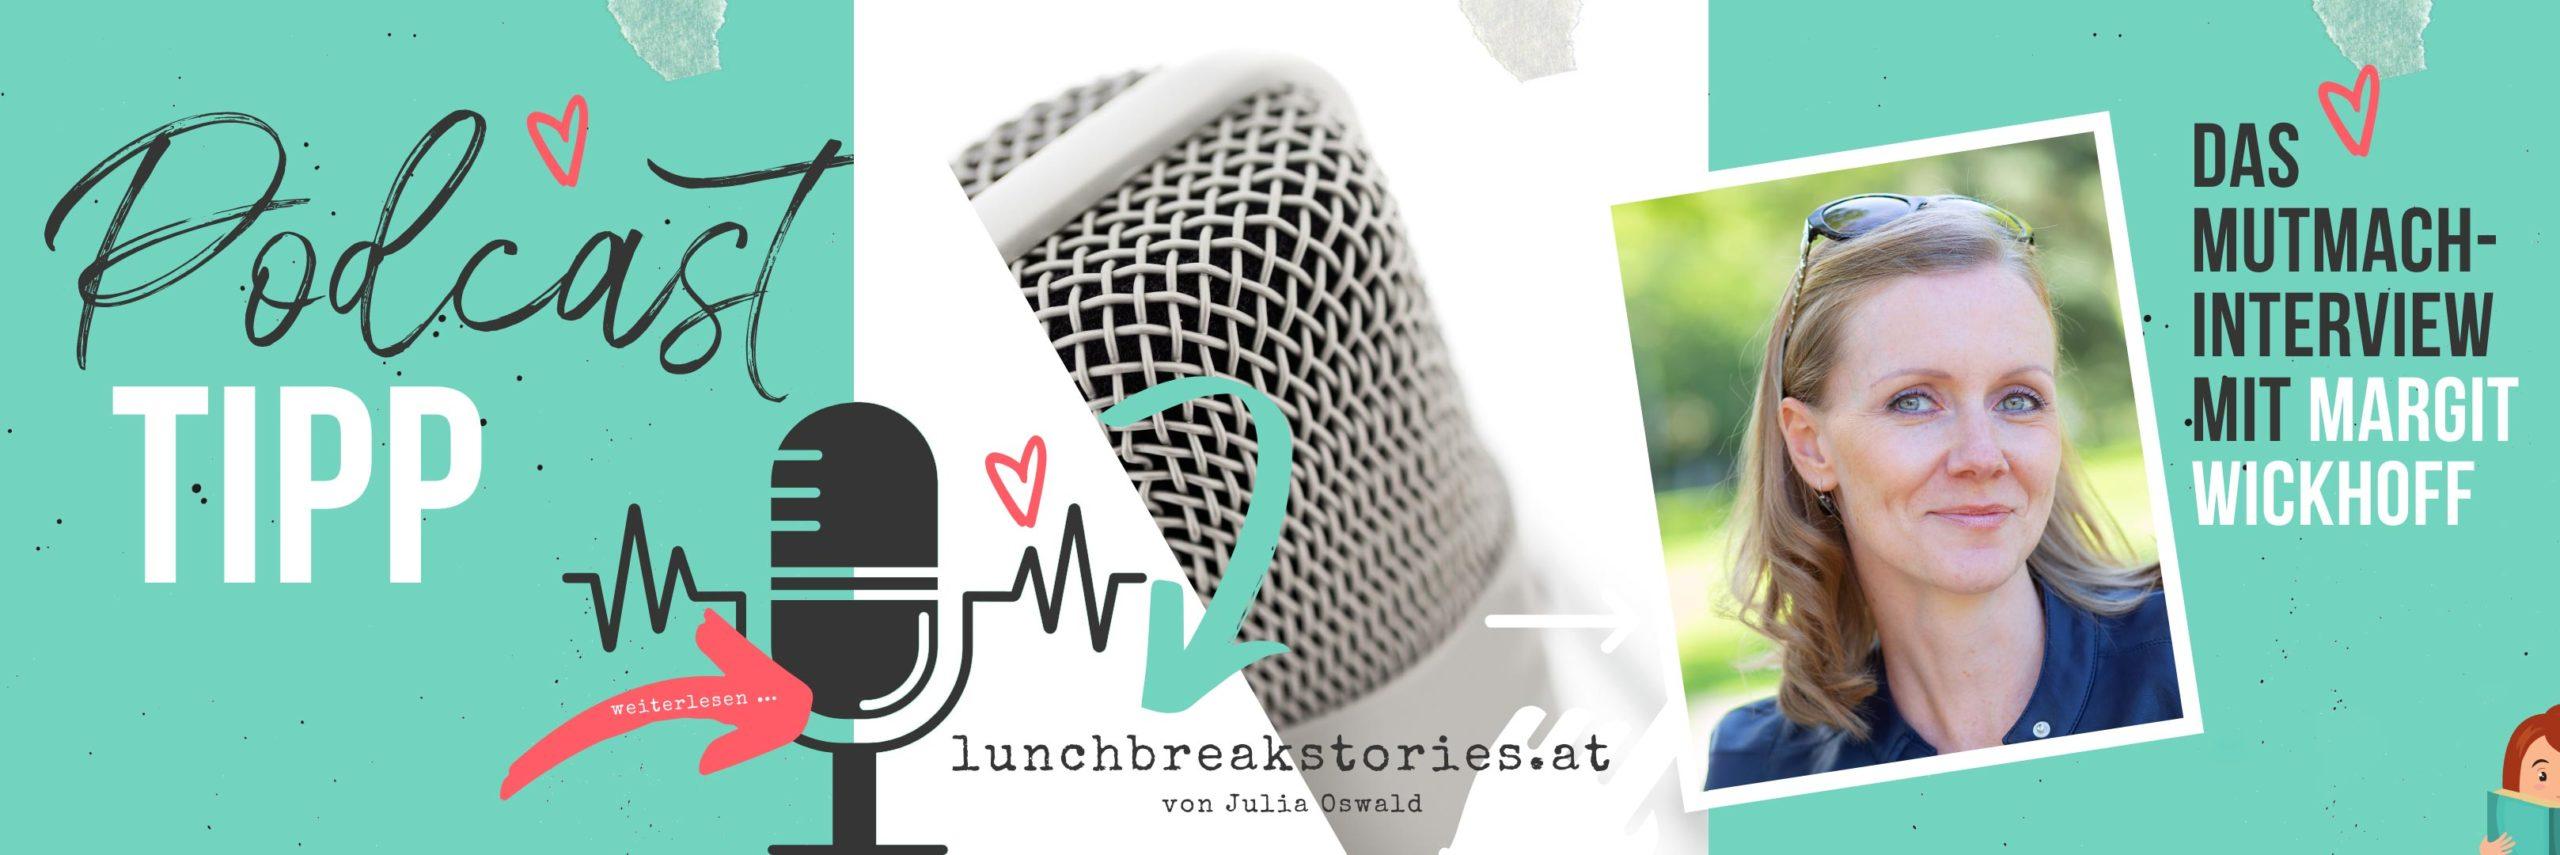 Podcast-Interview Margit Wickhoff auf lunchbreakstories.at